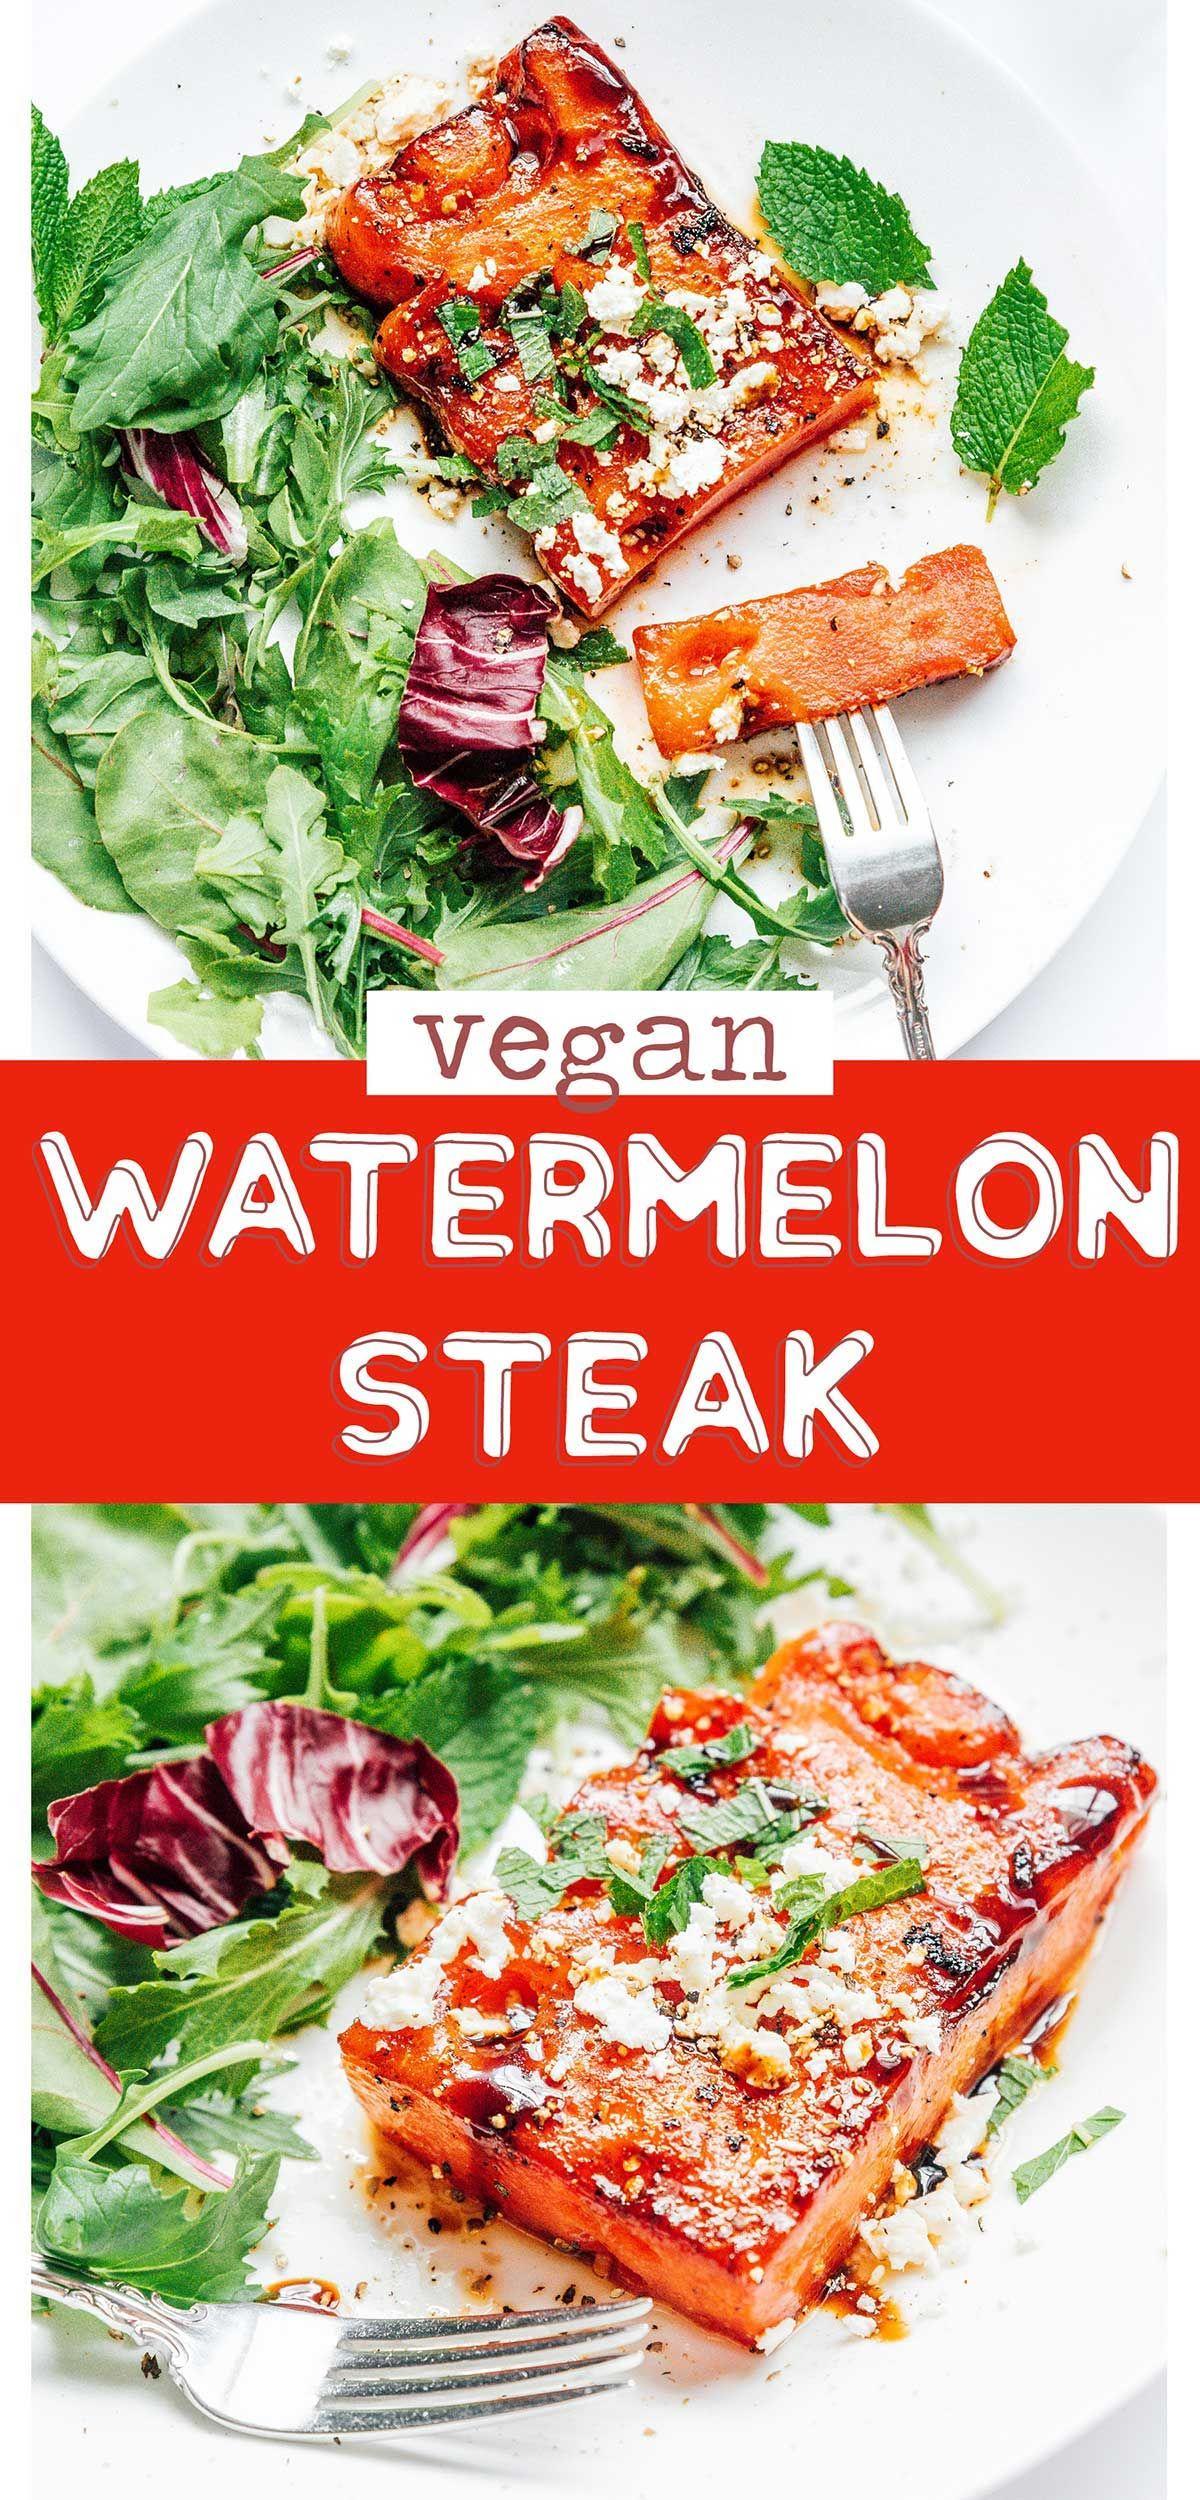 The Best Watermelon Steak Recipe Recipe In 2020 Watermelon Steak Recipe Recipes Vegan Dinner Recipes